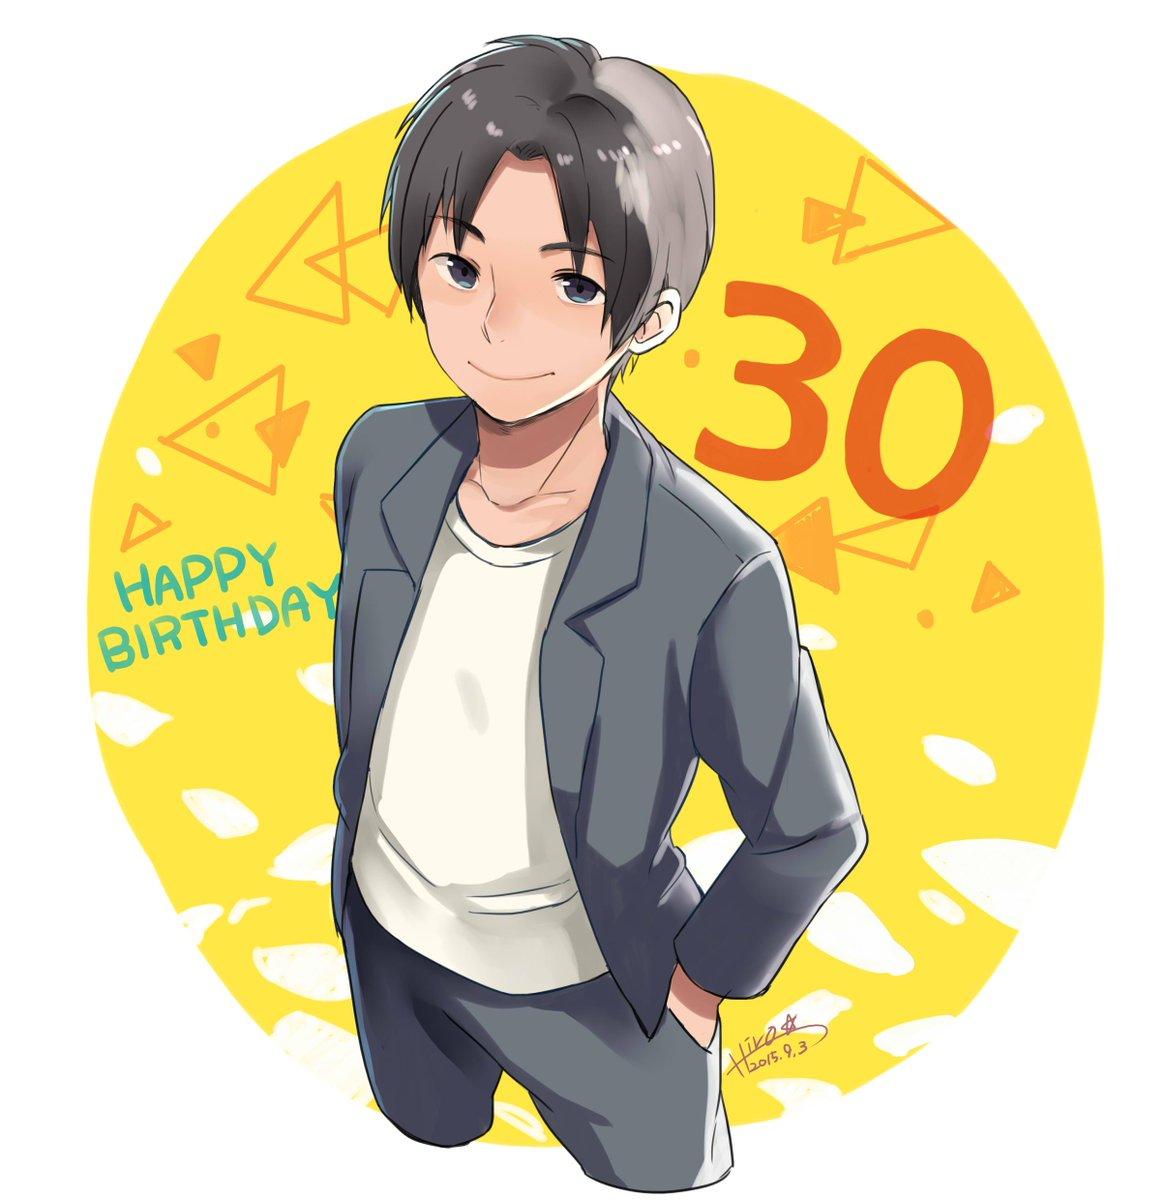 http://twitter.com/azukintyaku/status/639107077663666177/photo/1